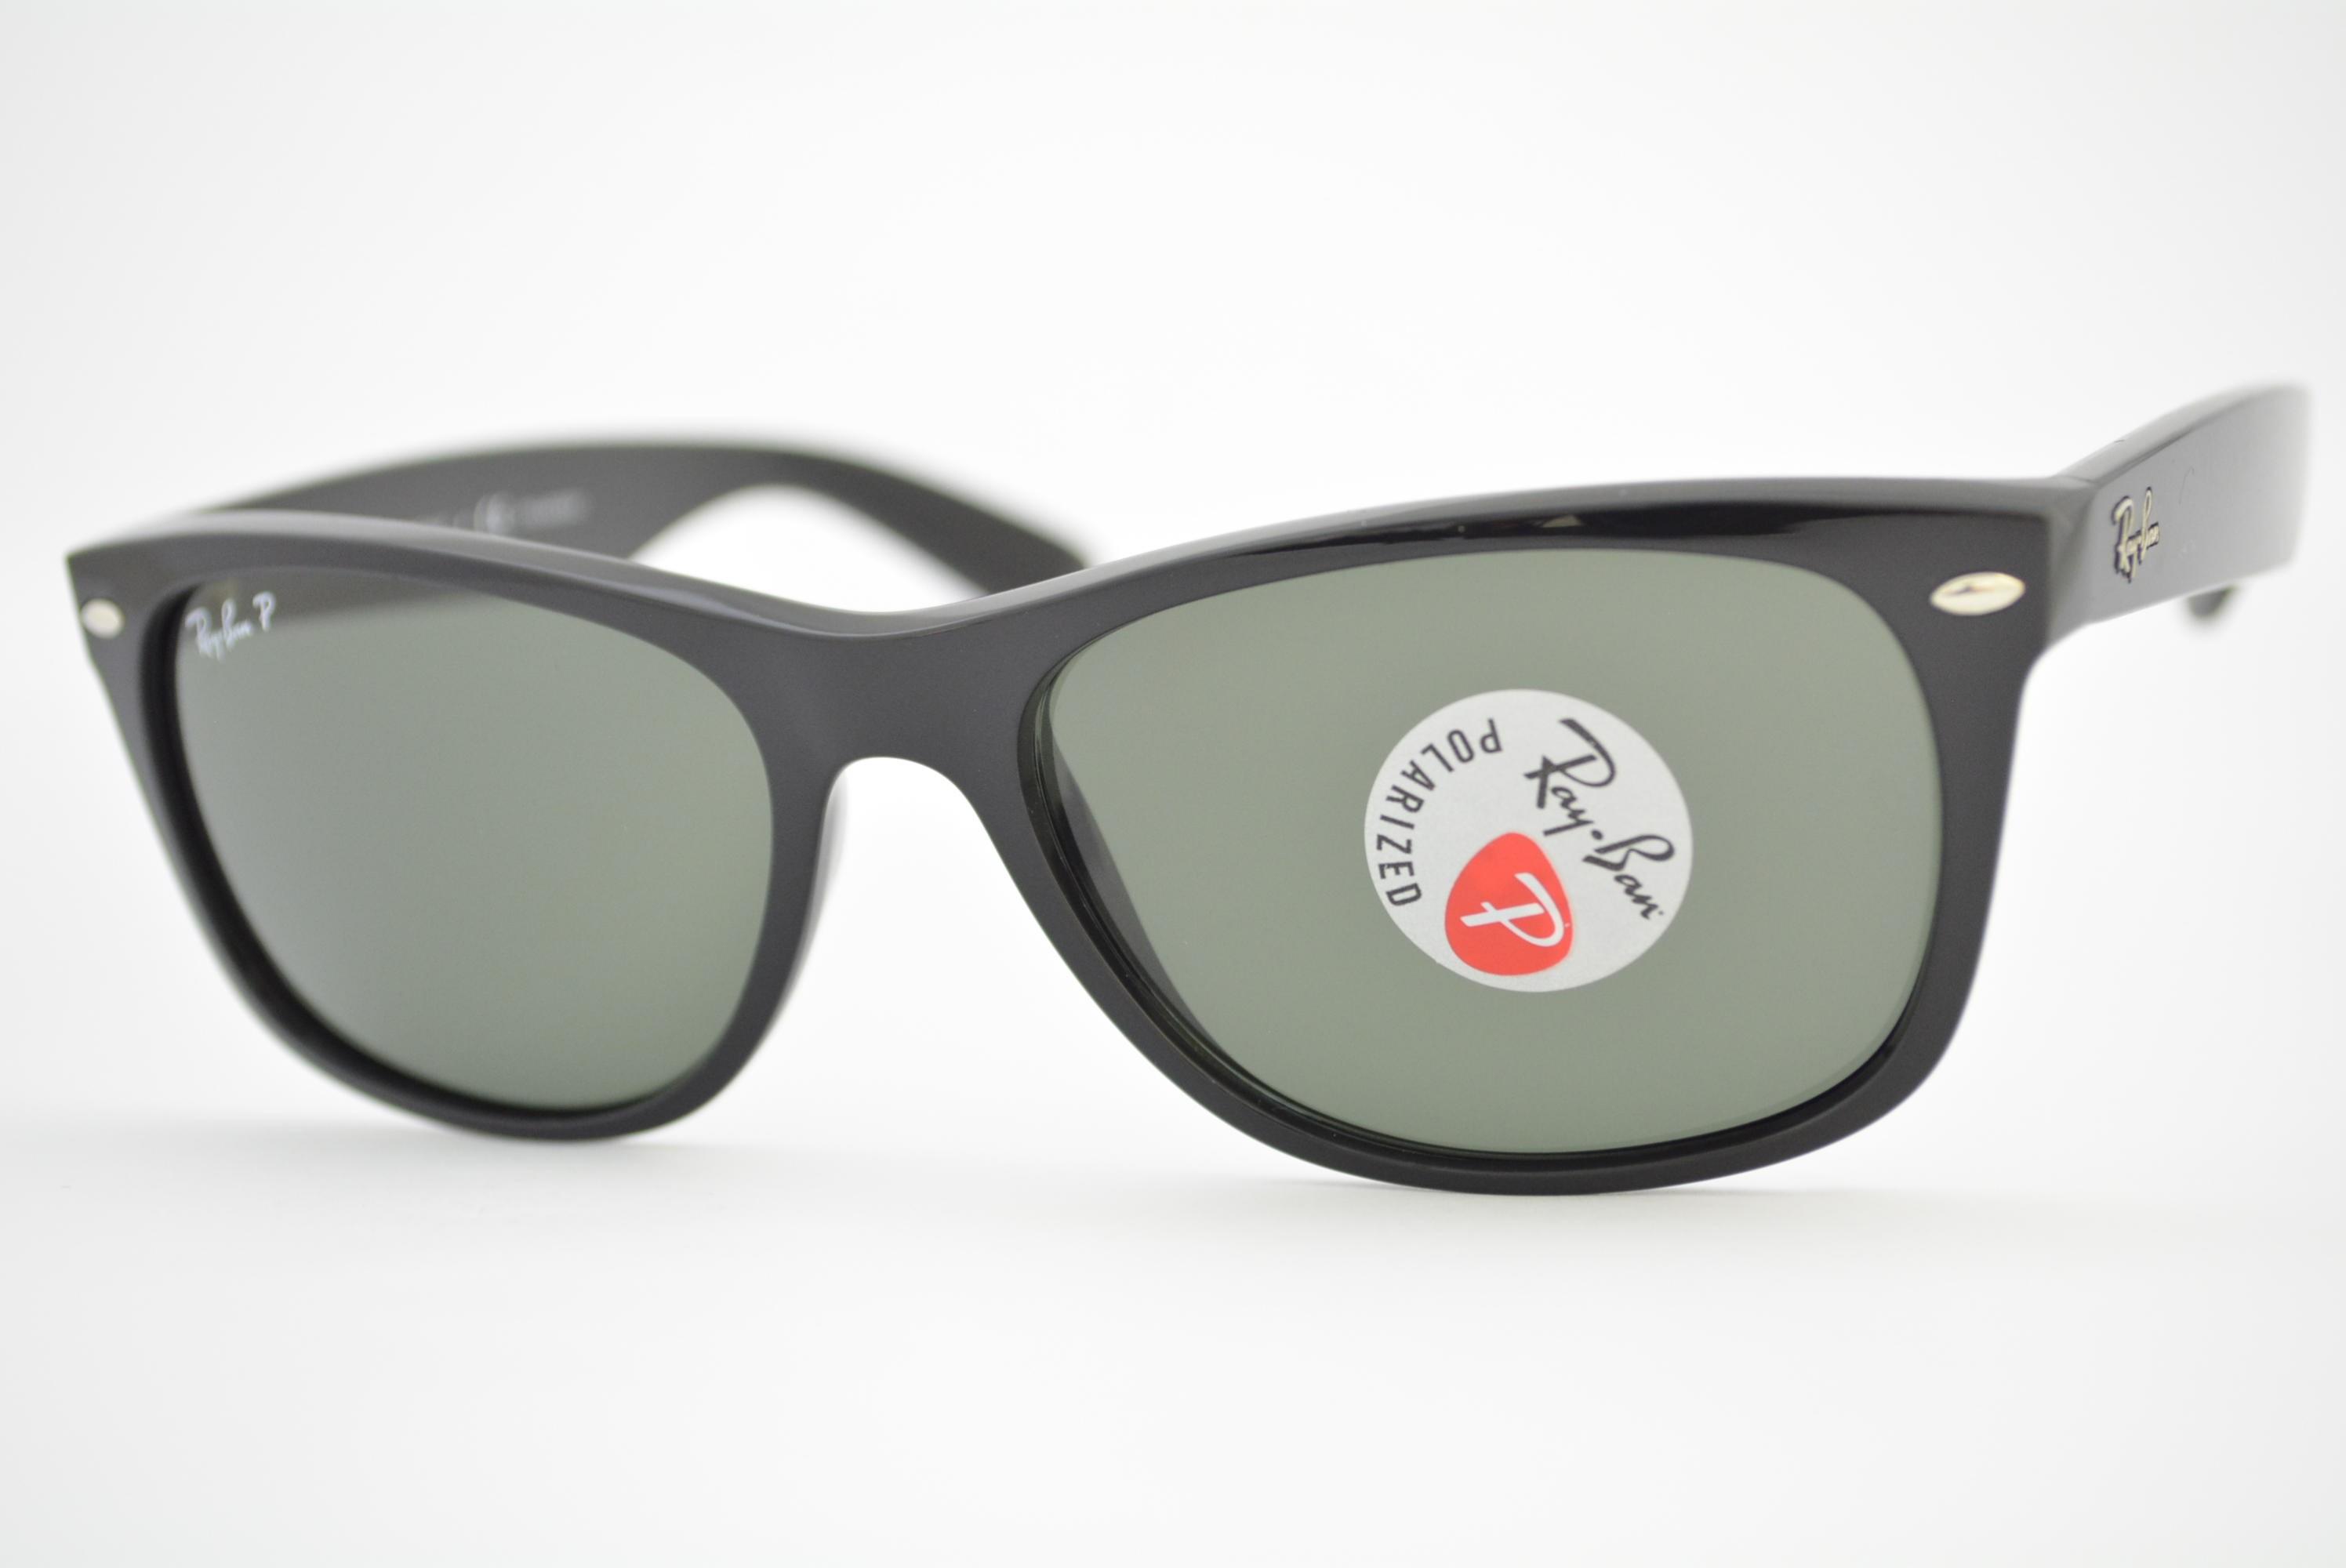 85a9a5a0ee óculos de sol Ray Ban New Wayfarer mod rb2132 901 58 polarizado ...